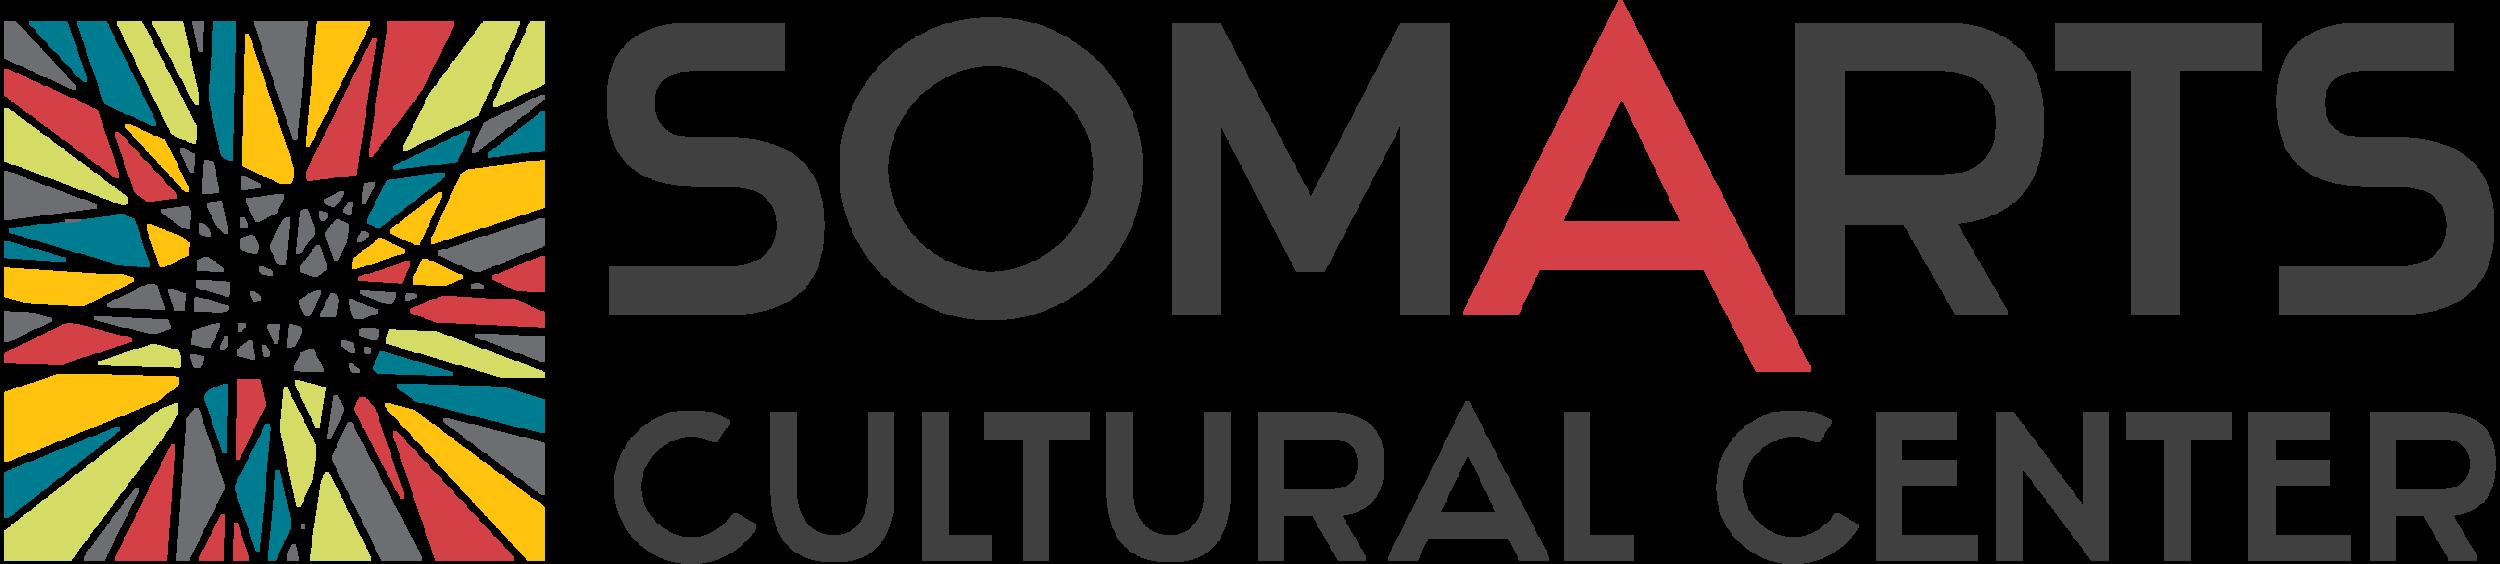 SOMArts logo (1).png